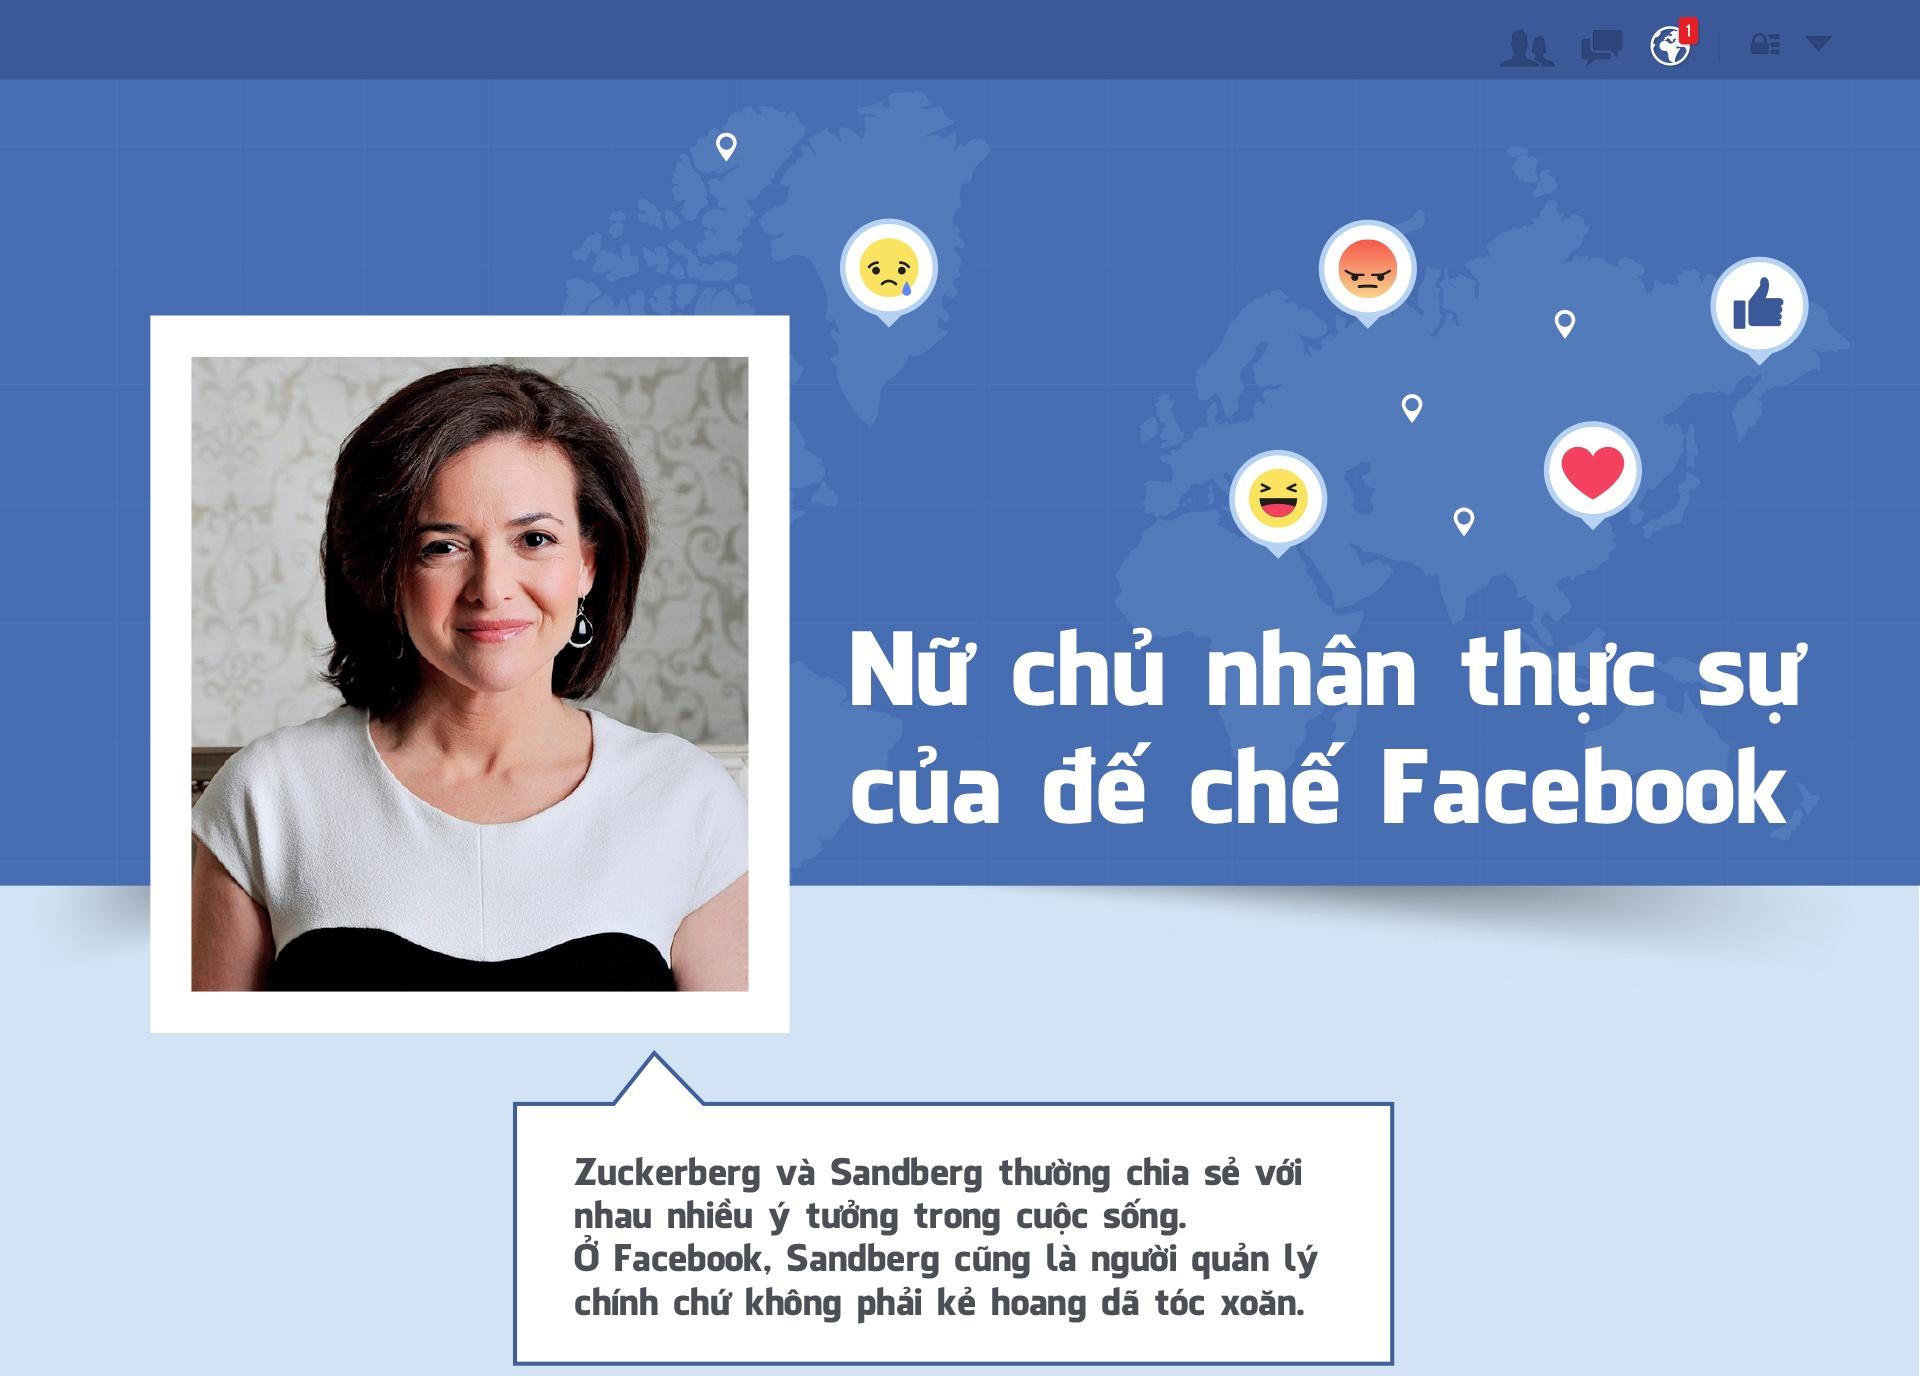 Nu chu nhan cua de che Facebook anh 2